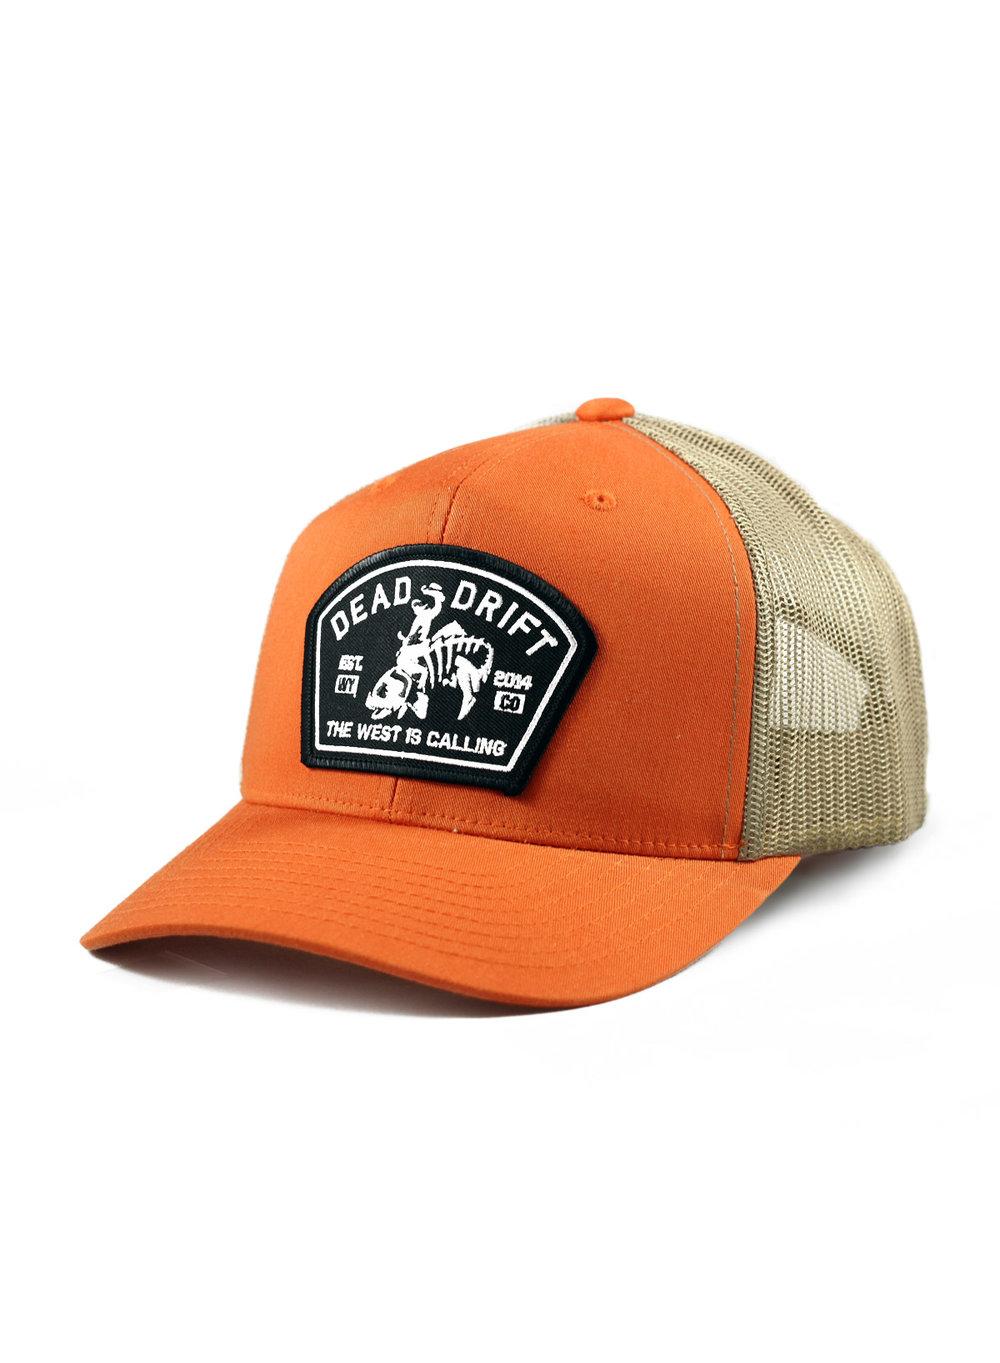 Dead Drift Fly Bucking Trout Trucker Orange — Dead Drift 70a556a0737